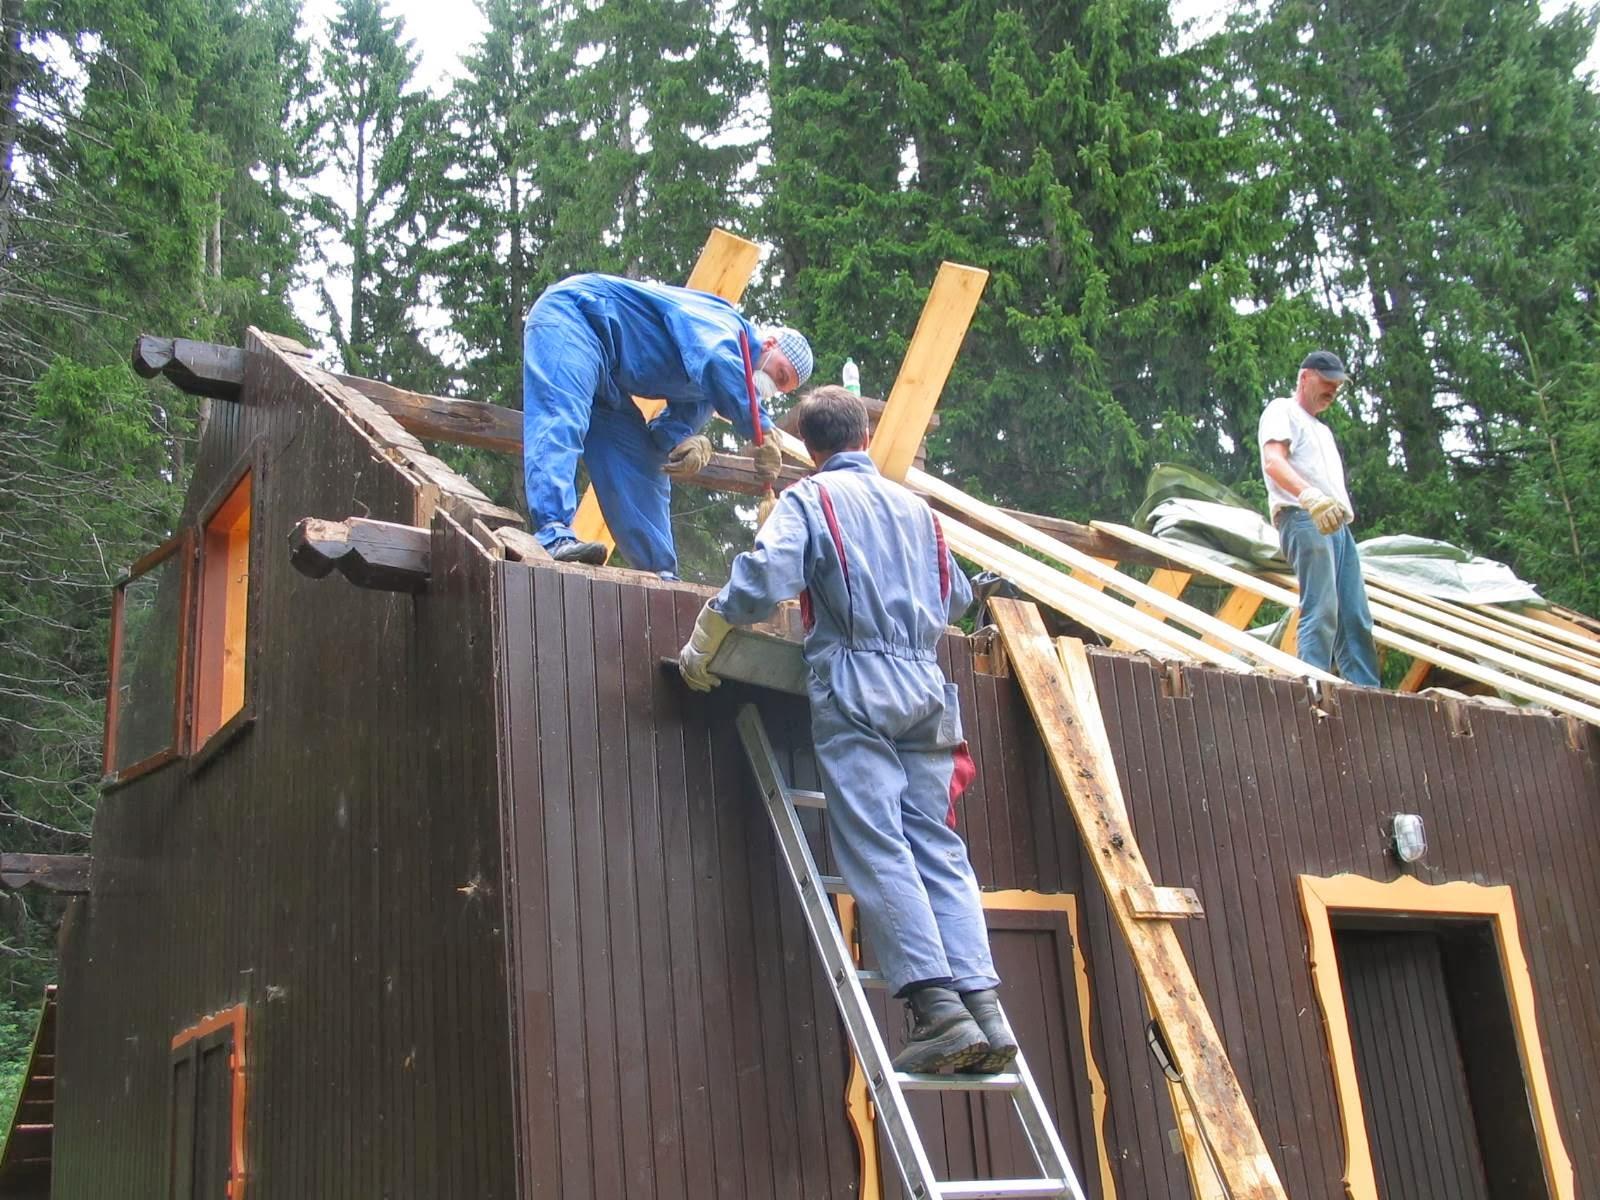 Delovna akcija - Streha, Črni dol 2006 - streha%2B125.jpg